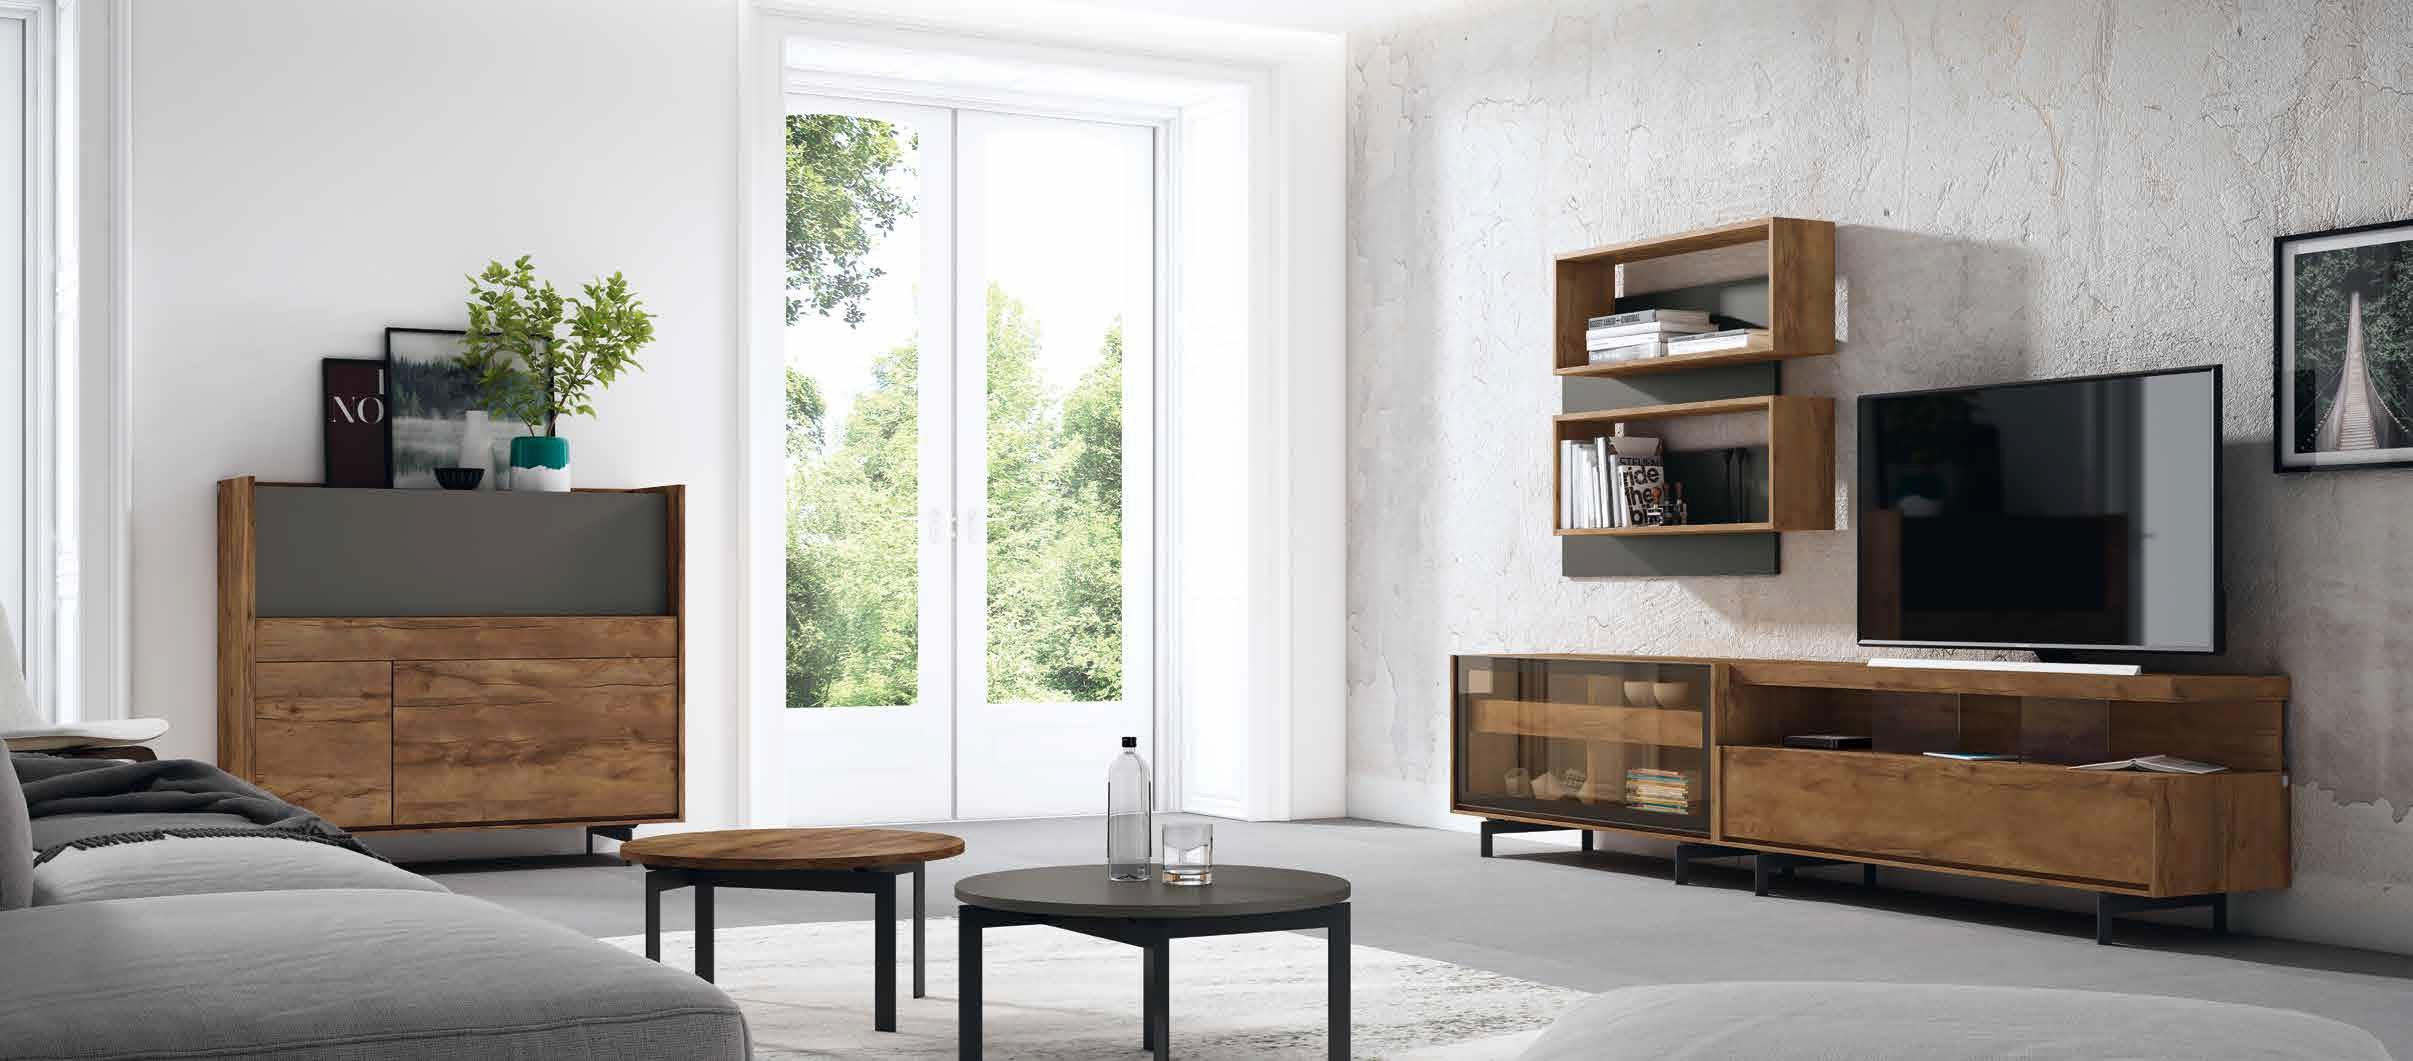 salon-moderno-Nativ-2019-muebles-paco-caballero-0920-5c8cea9c194c2